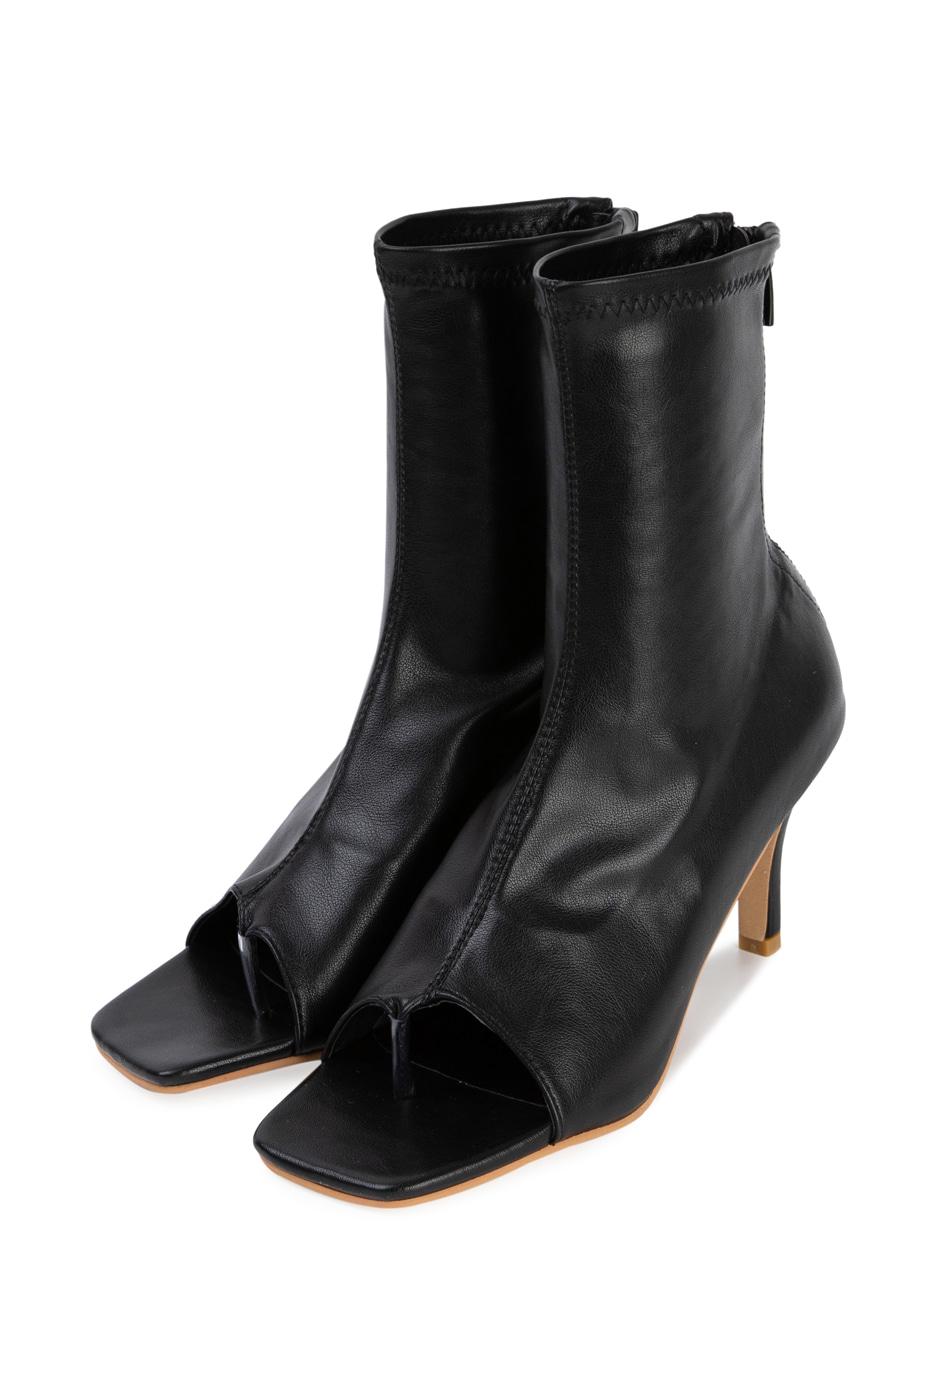 Kaya flip-flop ankle boots